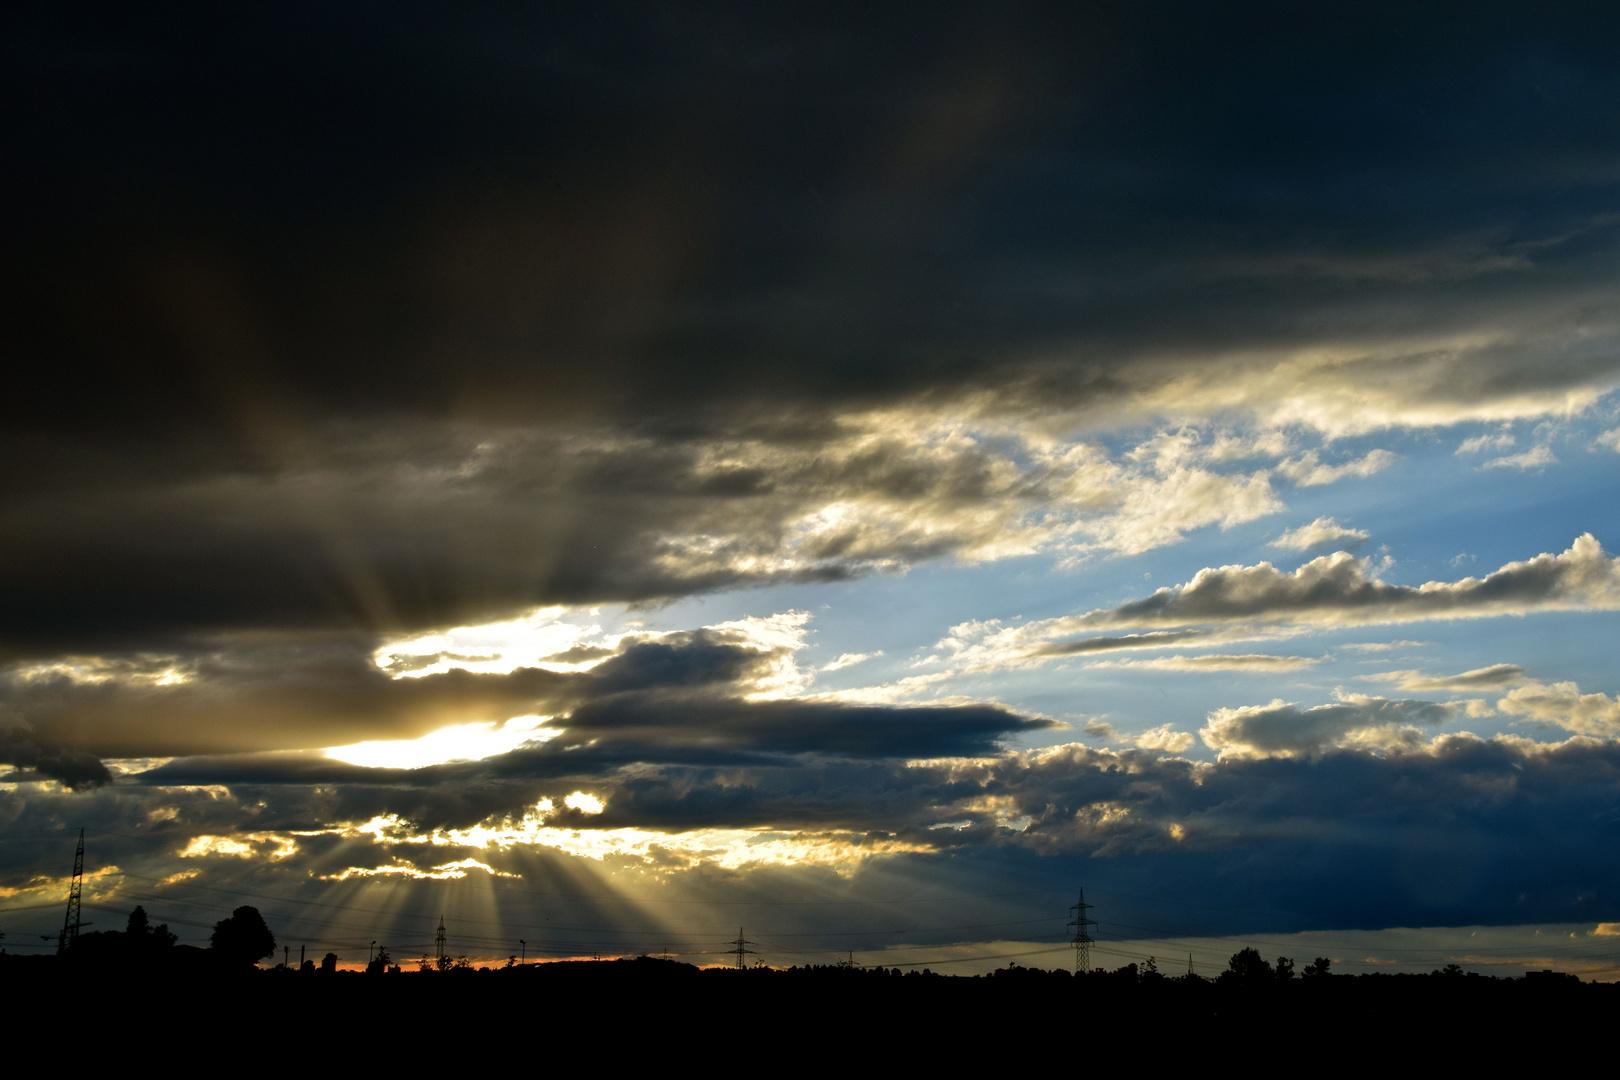 Sonnenuntergang bei Regen